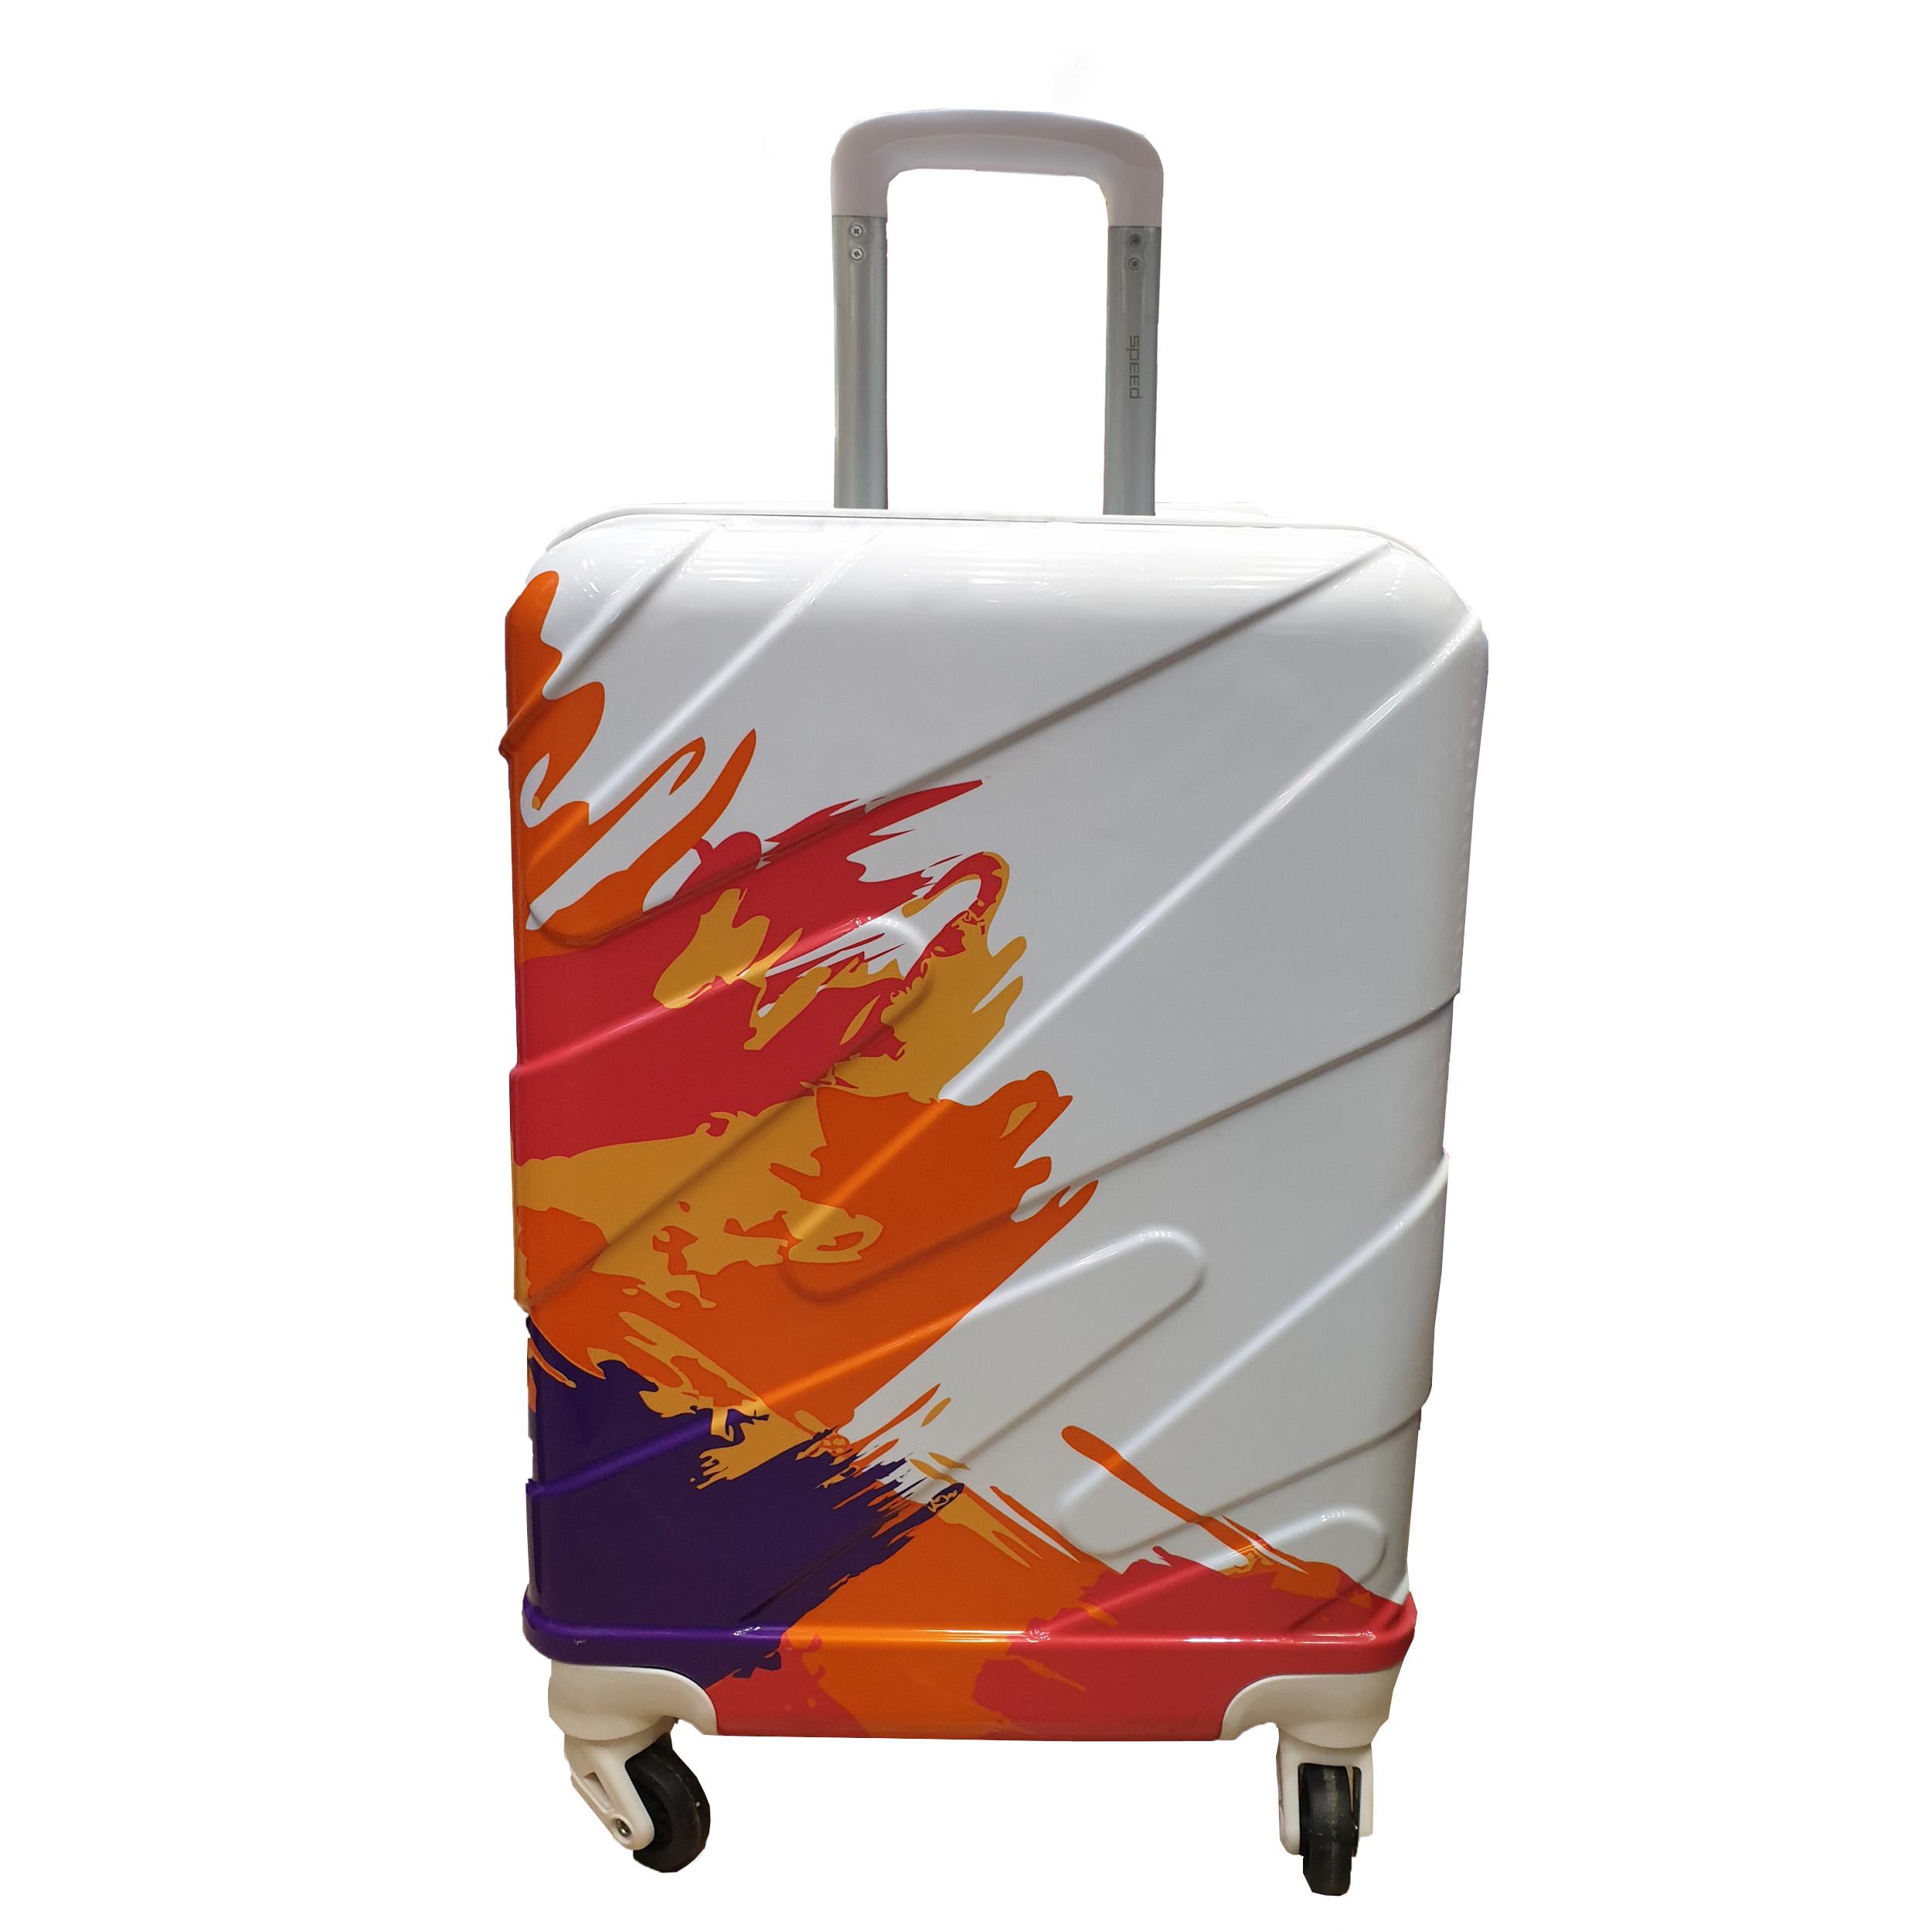 چمدان اسپید کد B020 سایز متوسط